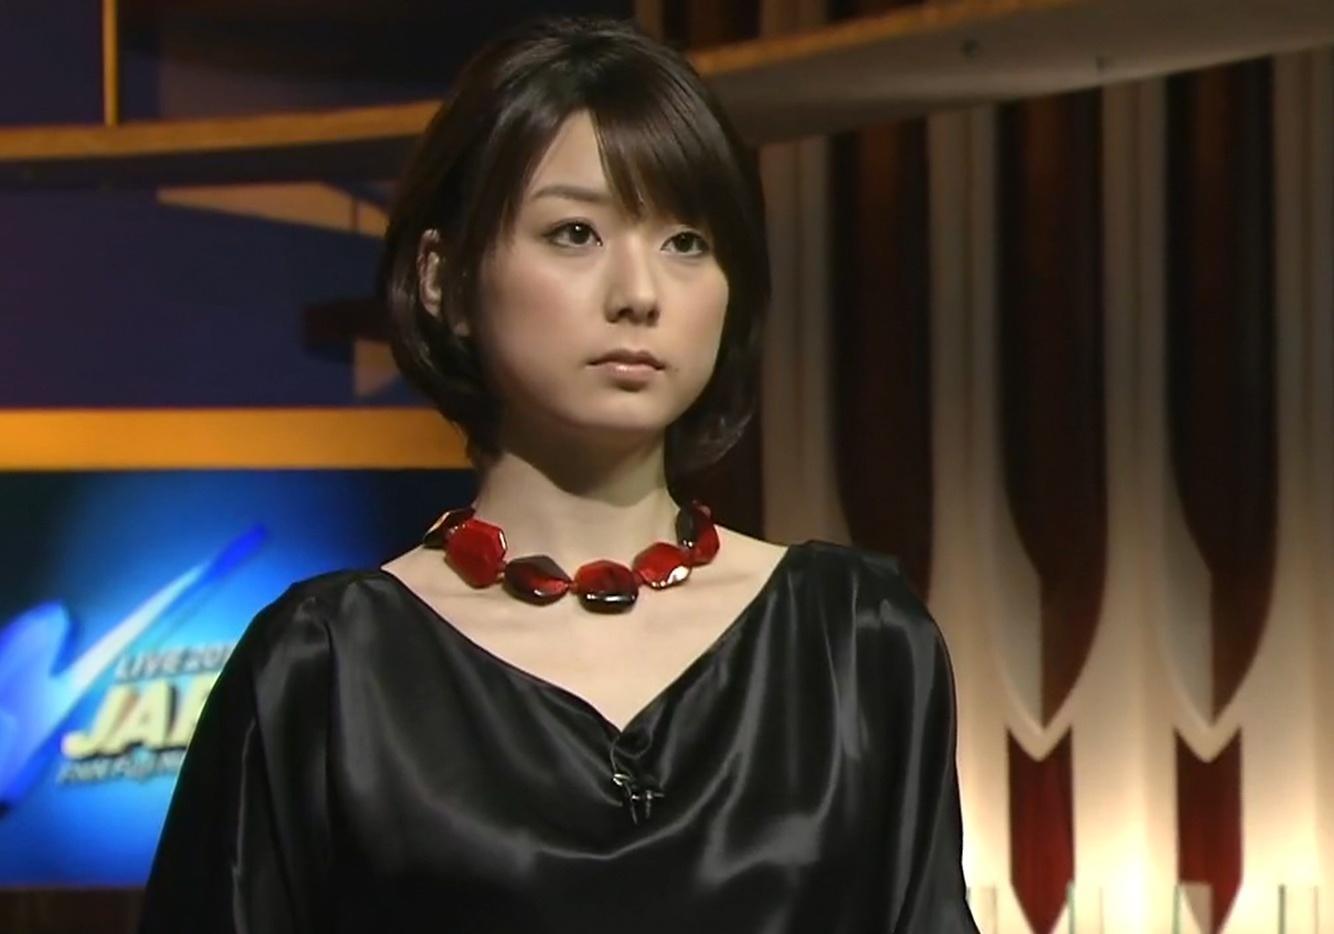 秋元優里 魔女っぽい服キャプ画像(エロ・アイコラ画像)